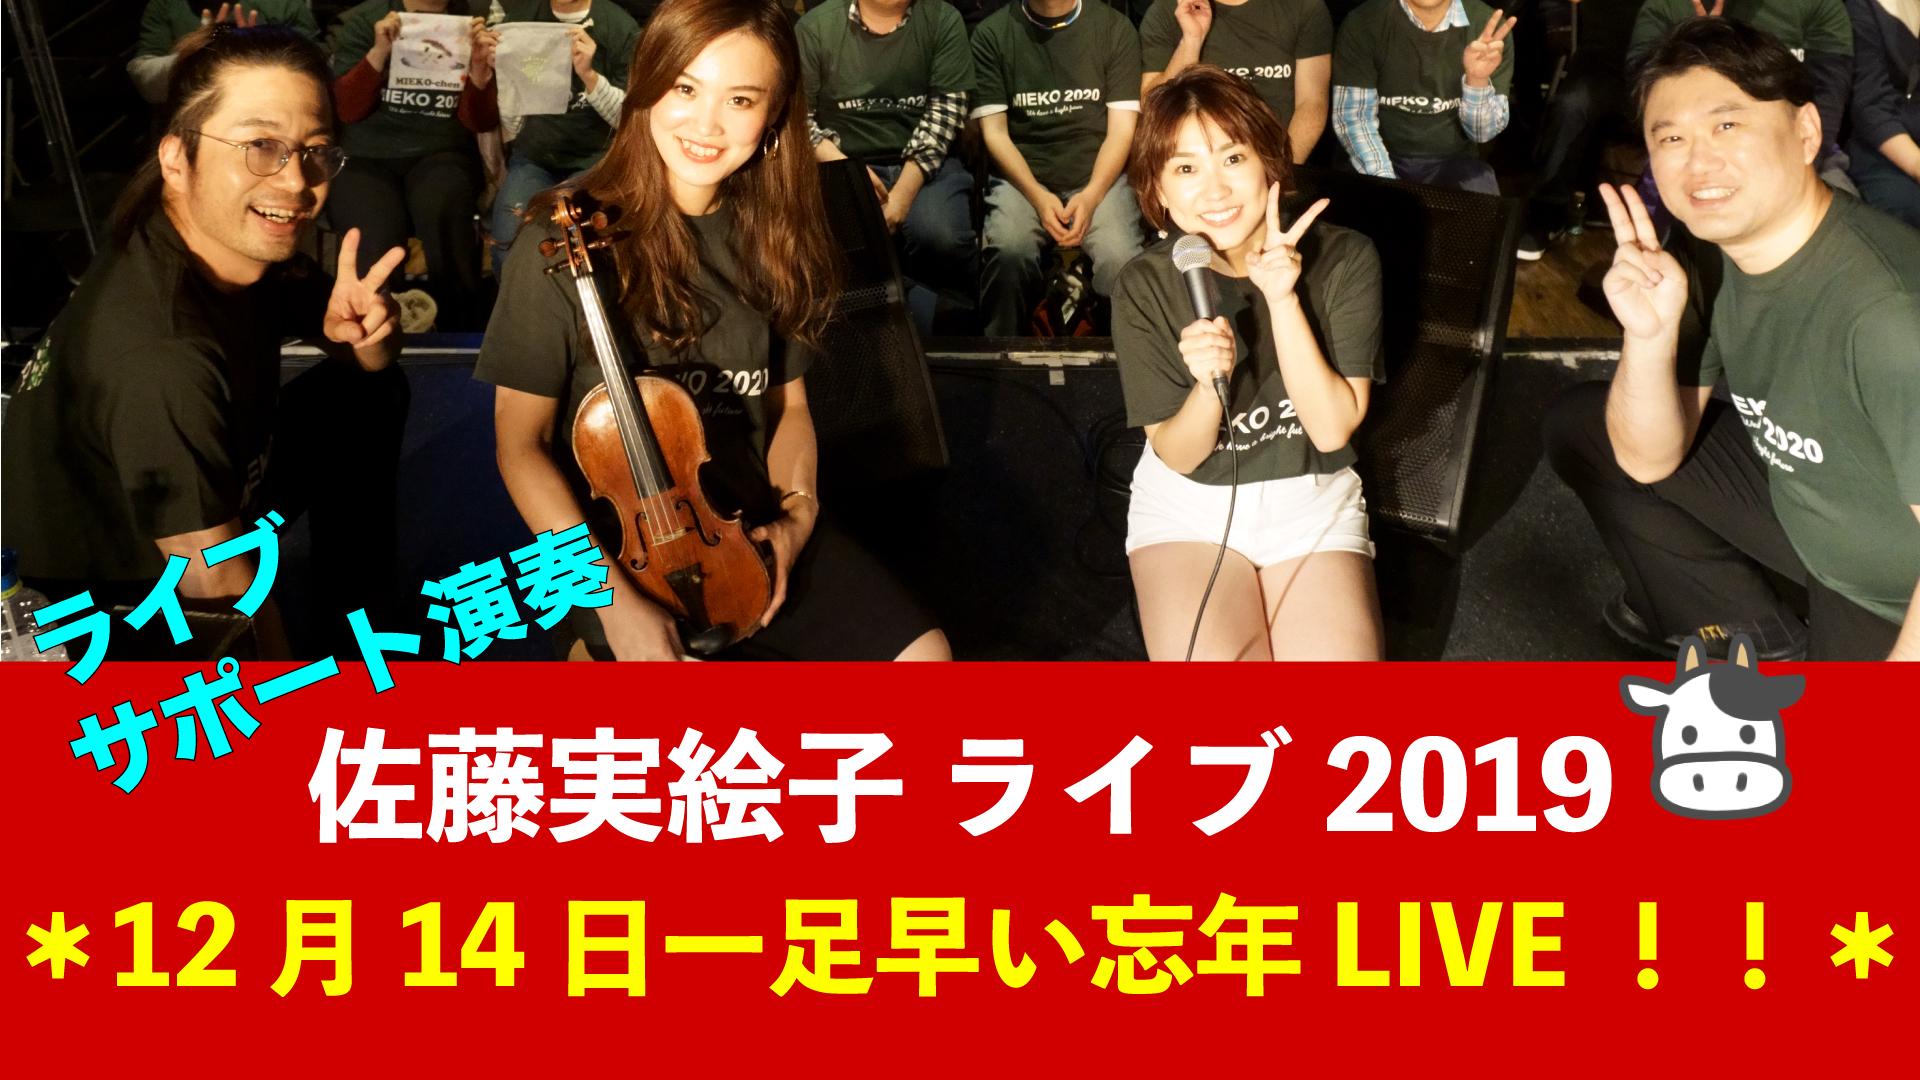 佐藤実絵子ライブ2019スペードボックス